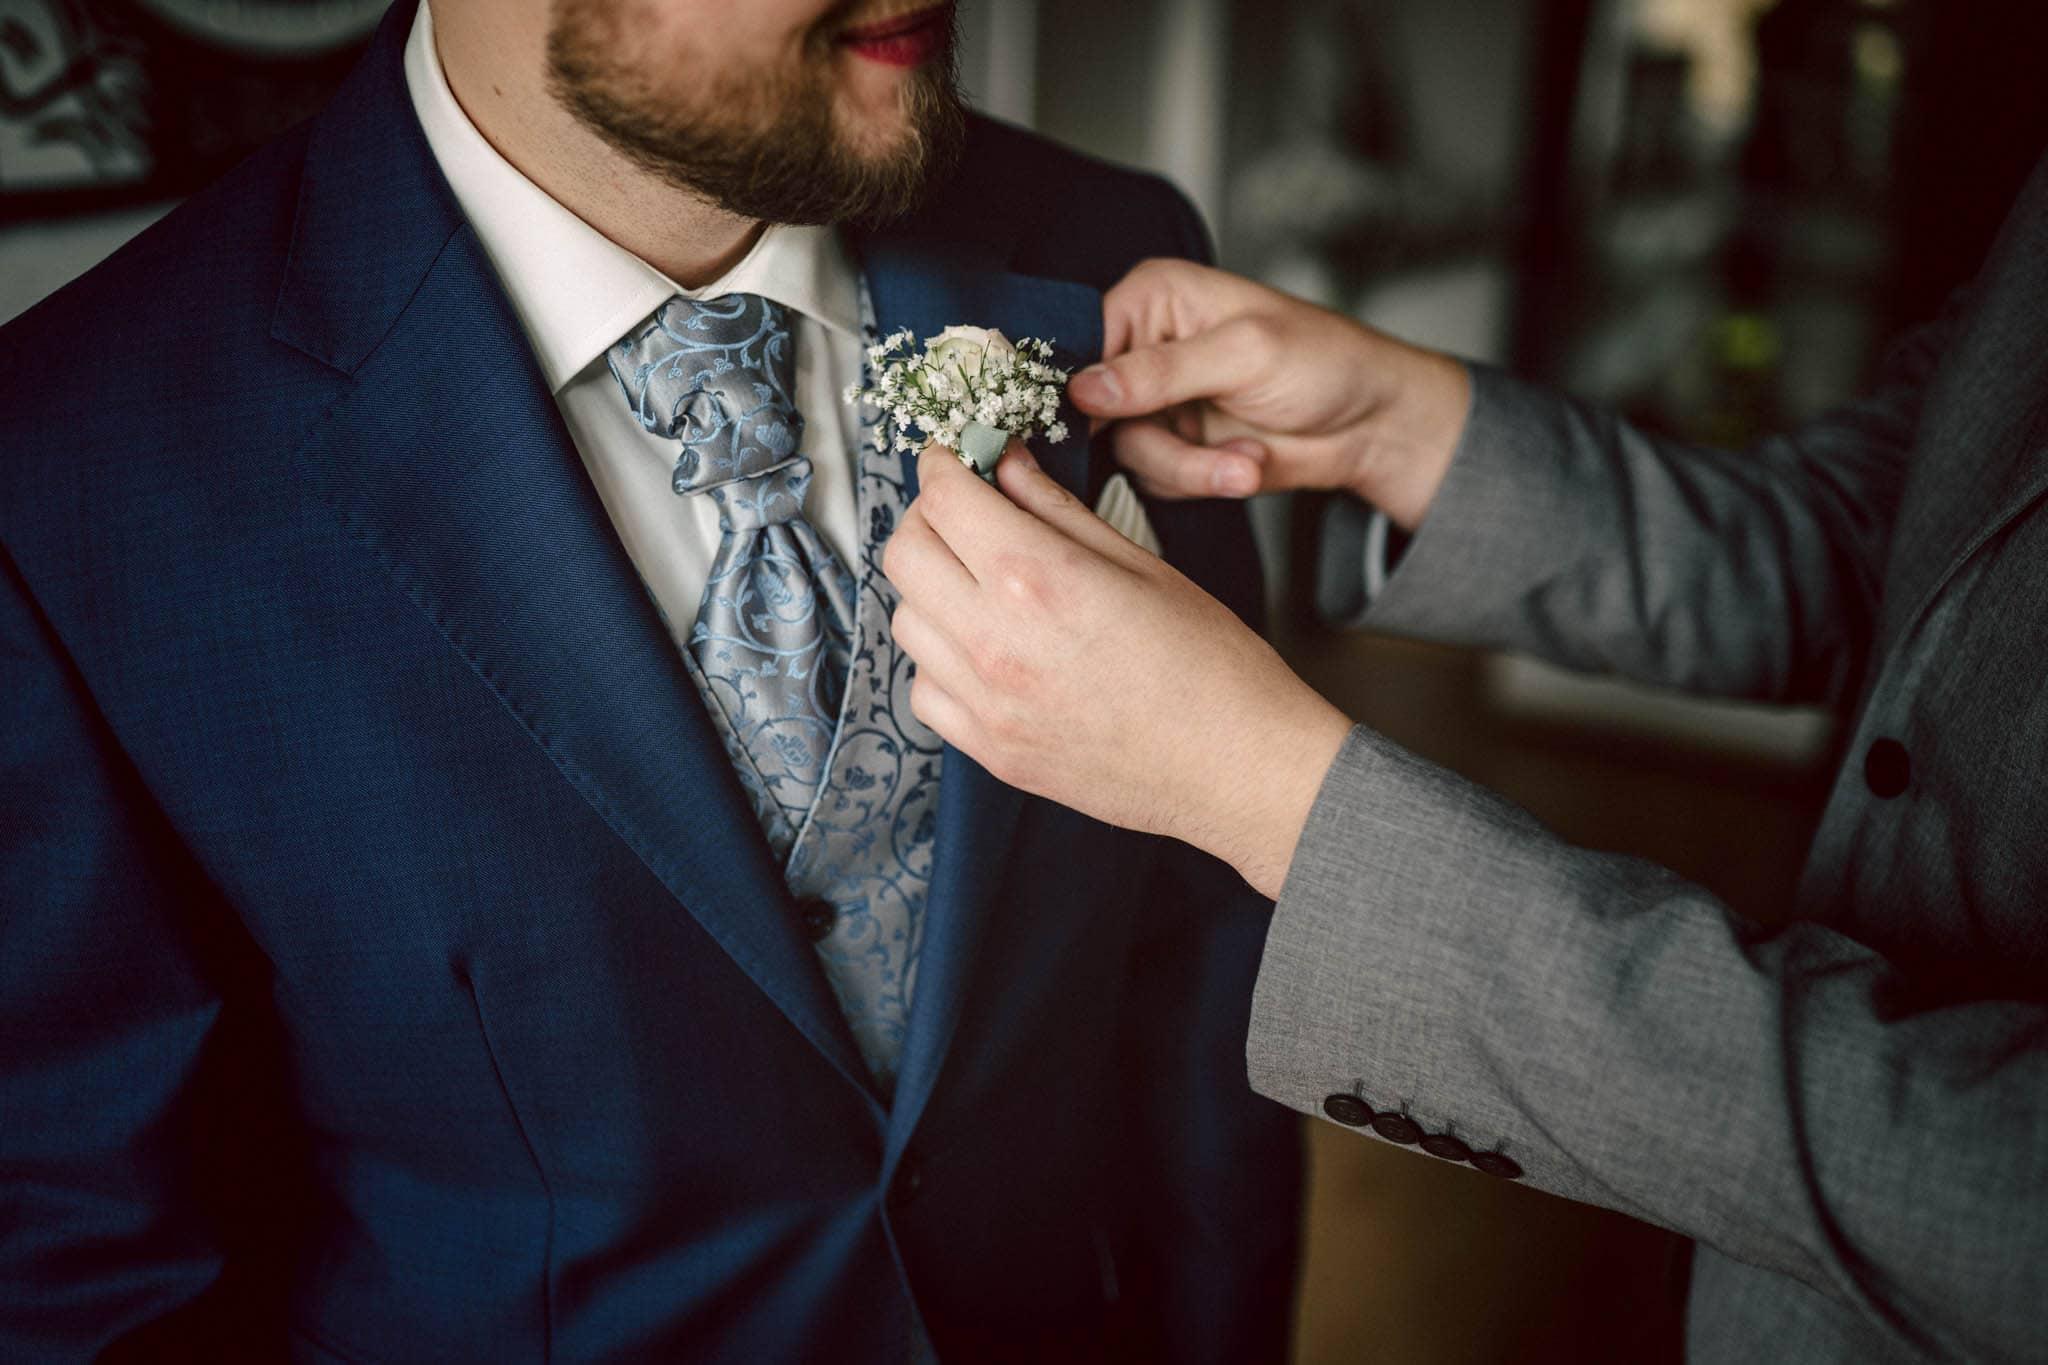 Hochzeitsfieber by Photo-Schomburg, Hochzeitsfotograf, Hamburg, Altona, wedding, Standesamt Altona, Appen, Hochzeitsshooting, Hochzeitstag, Brautpaar-29